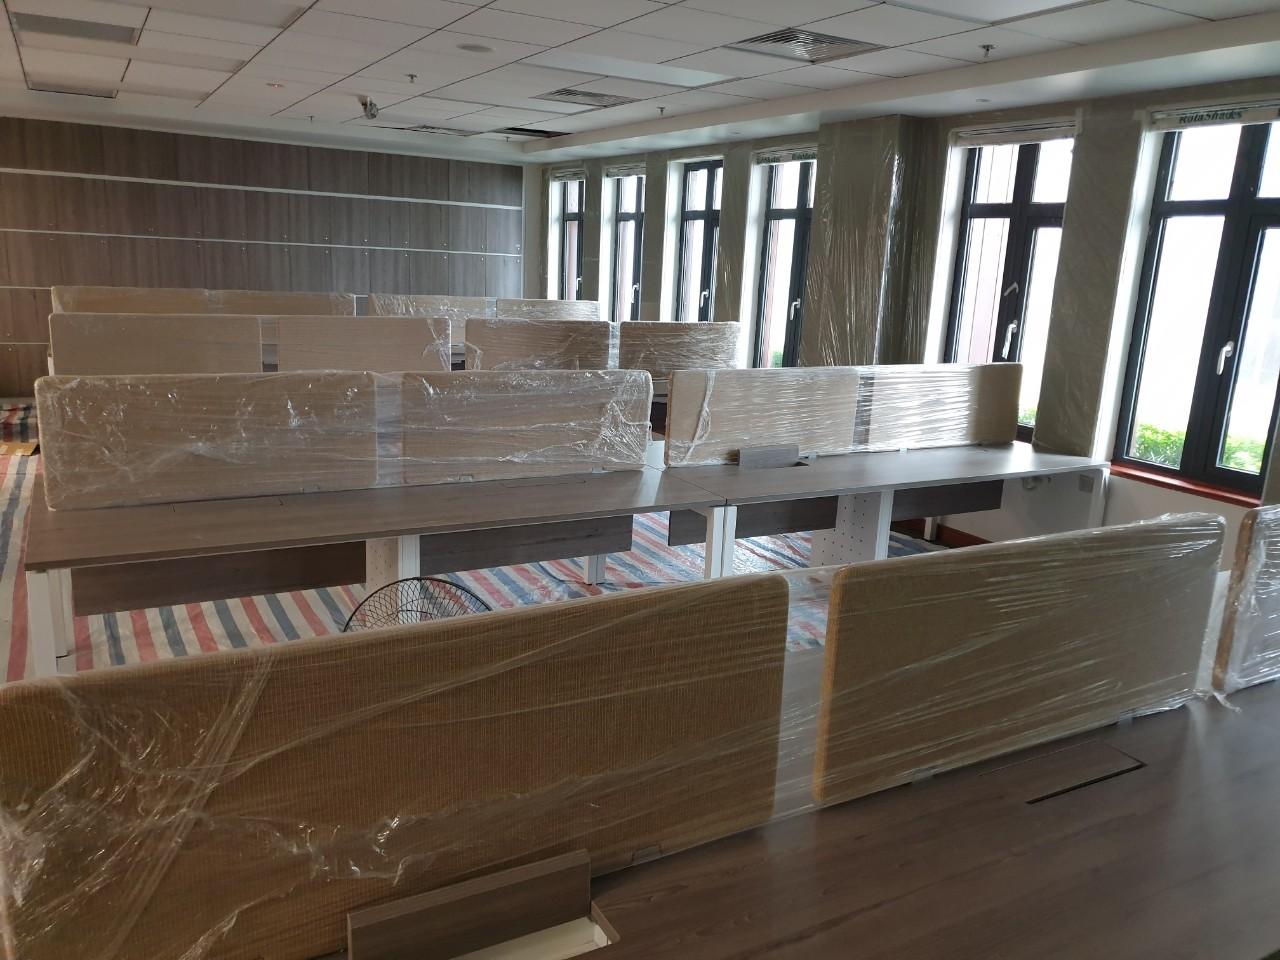 Sửa văn phòng trọn gói là thế mạnh của công ty ANDU